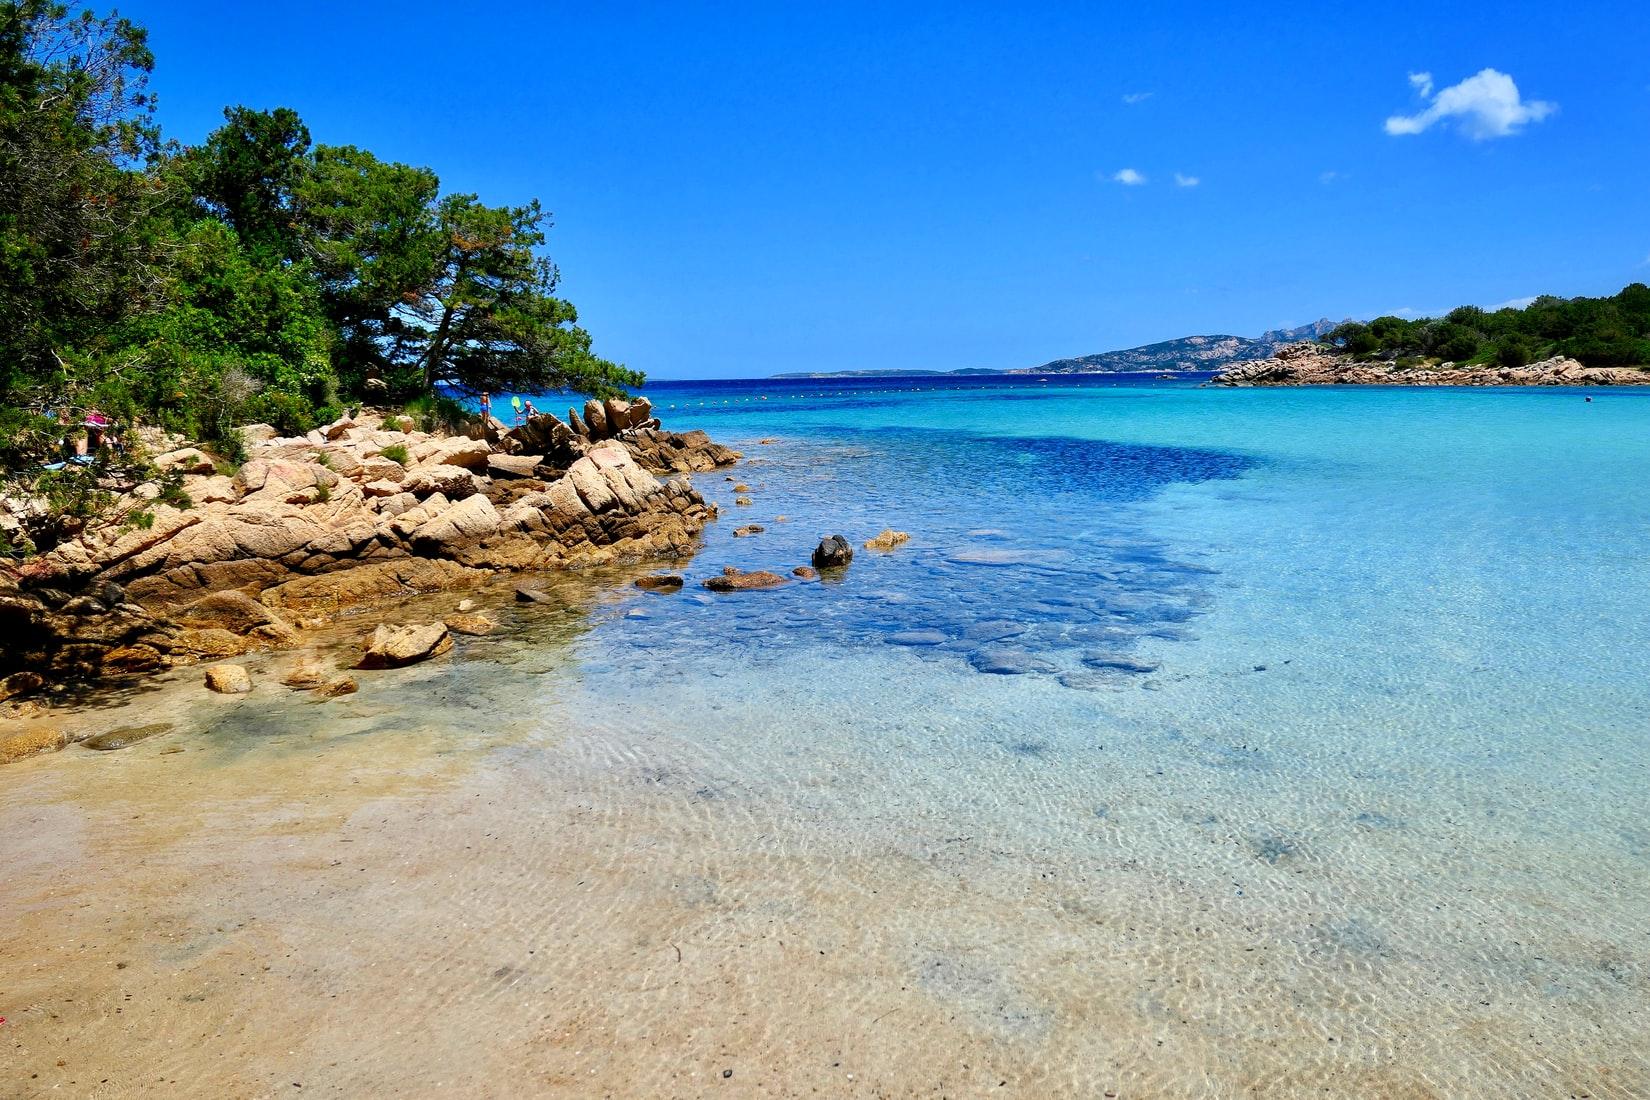 turismo-crisi-voglia-viaggiare-umbria-sicilia-sardegna-puglia-top